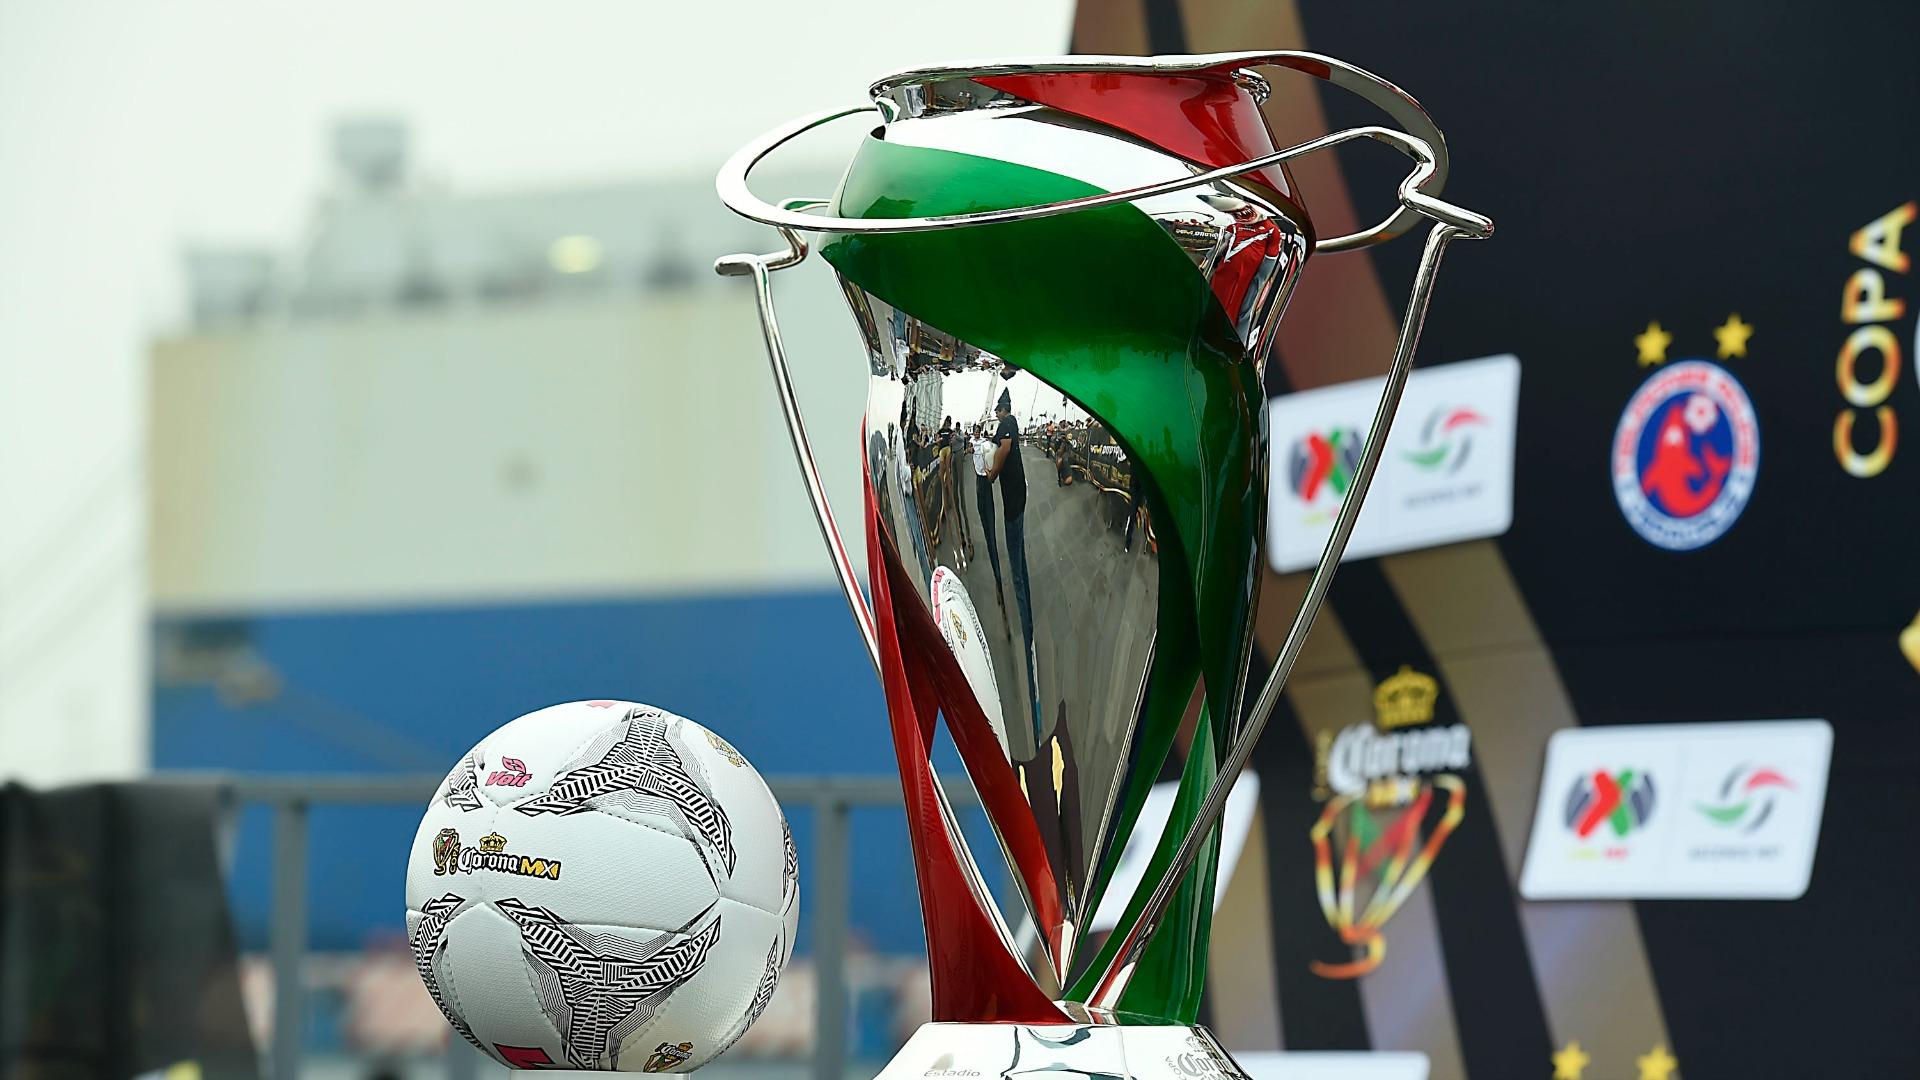 Liga y Ascenso MX cambiaron de imagen